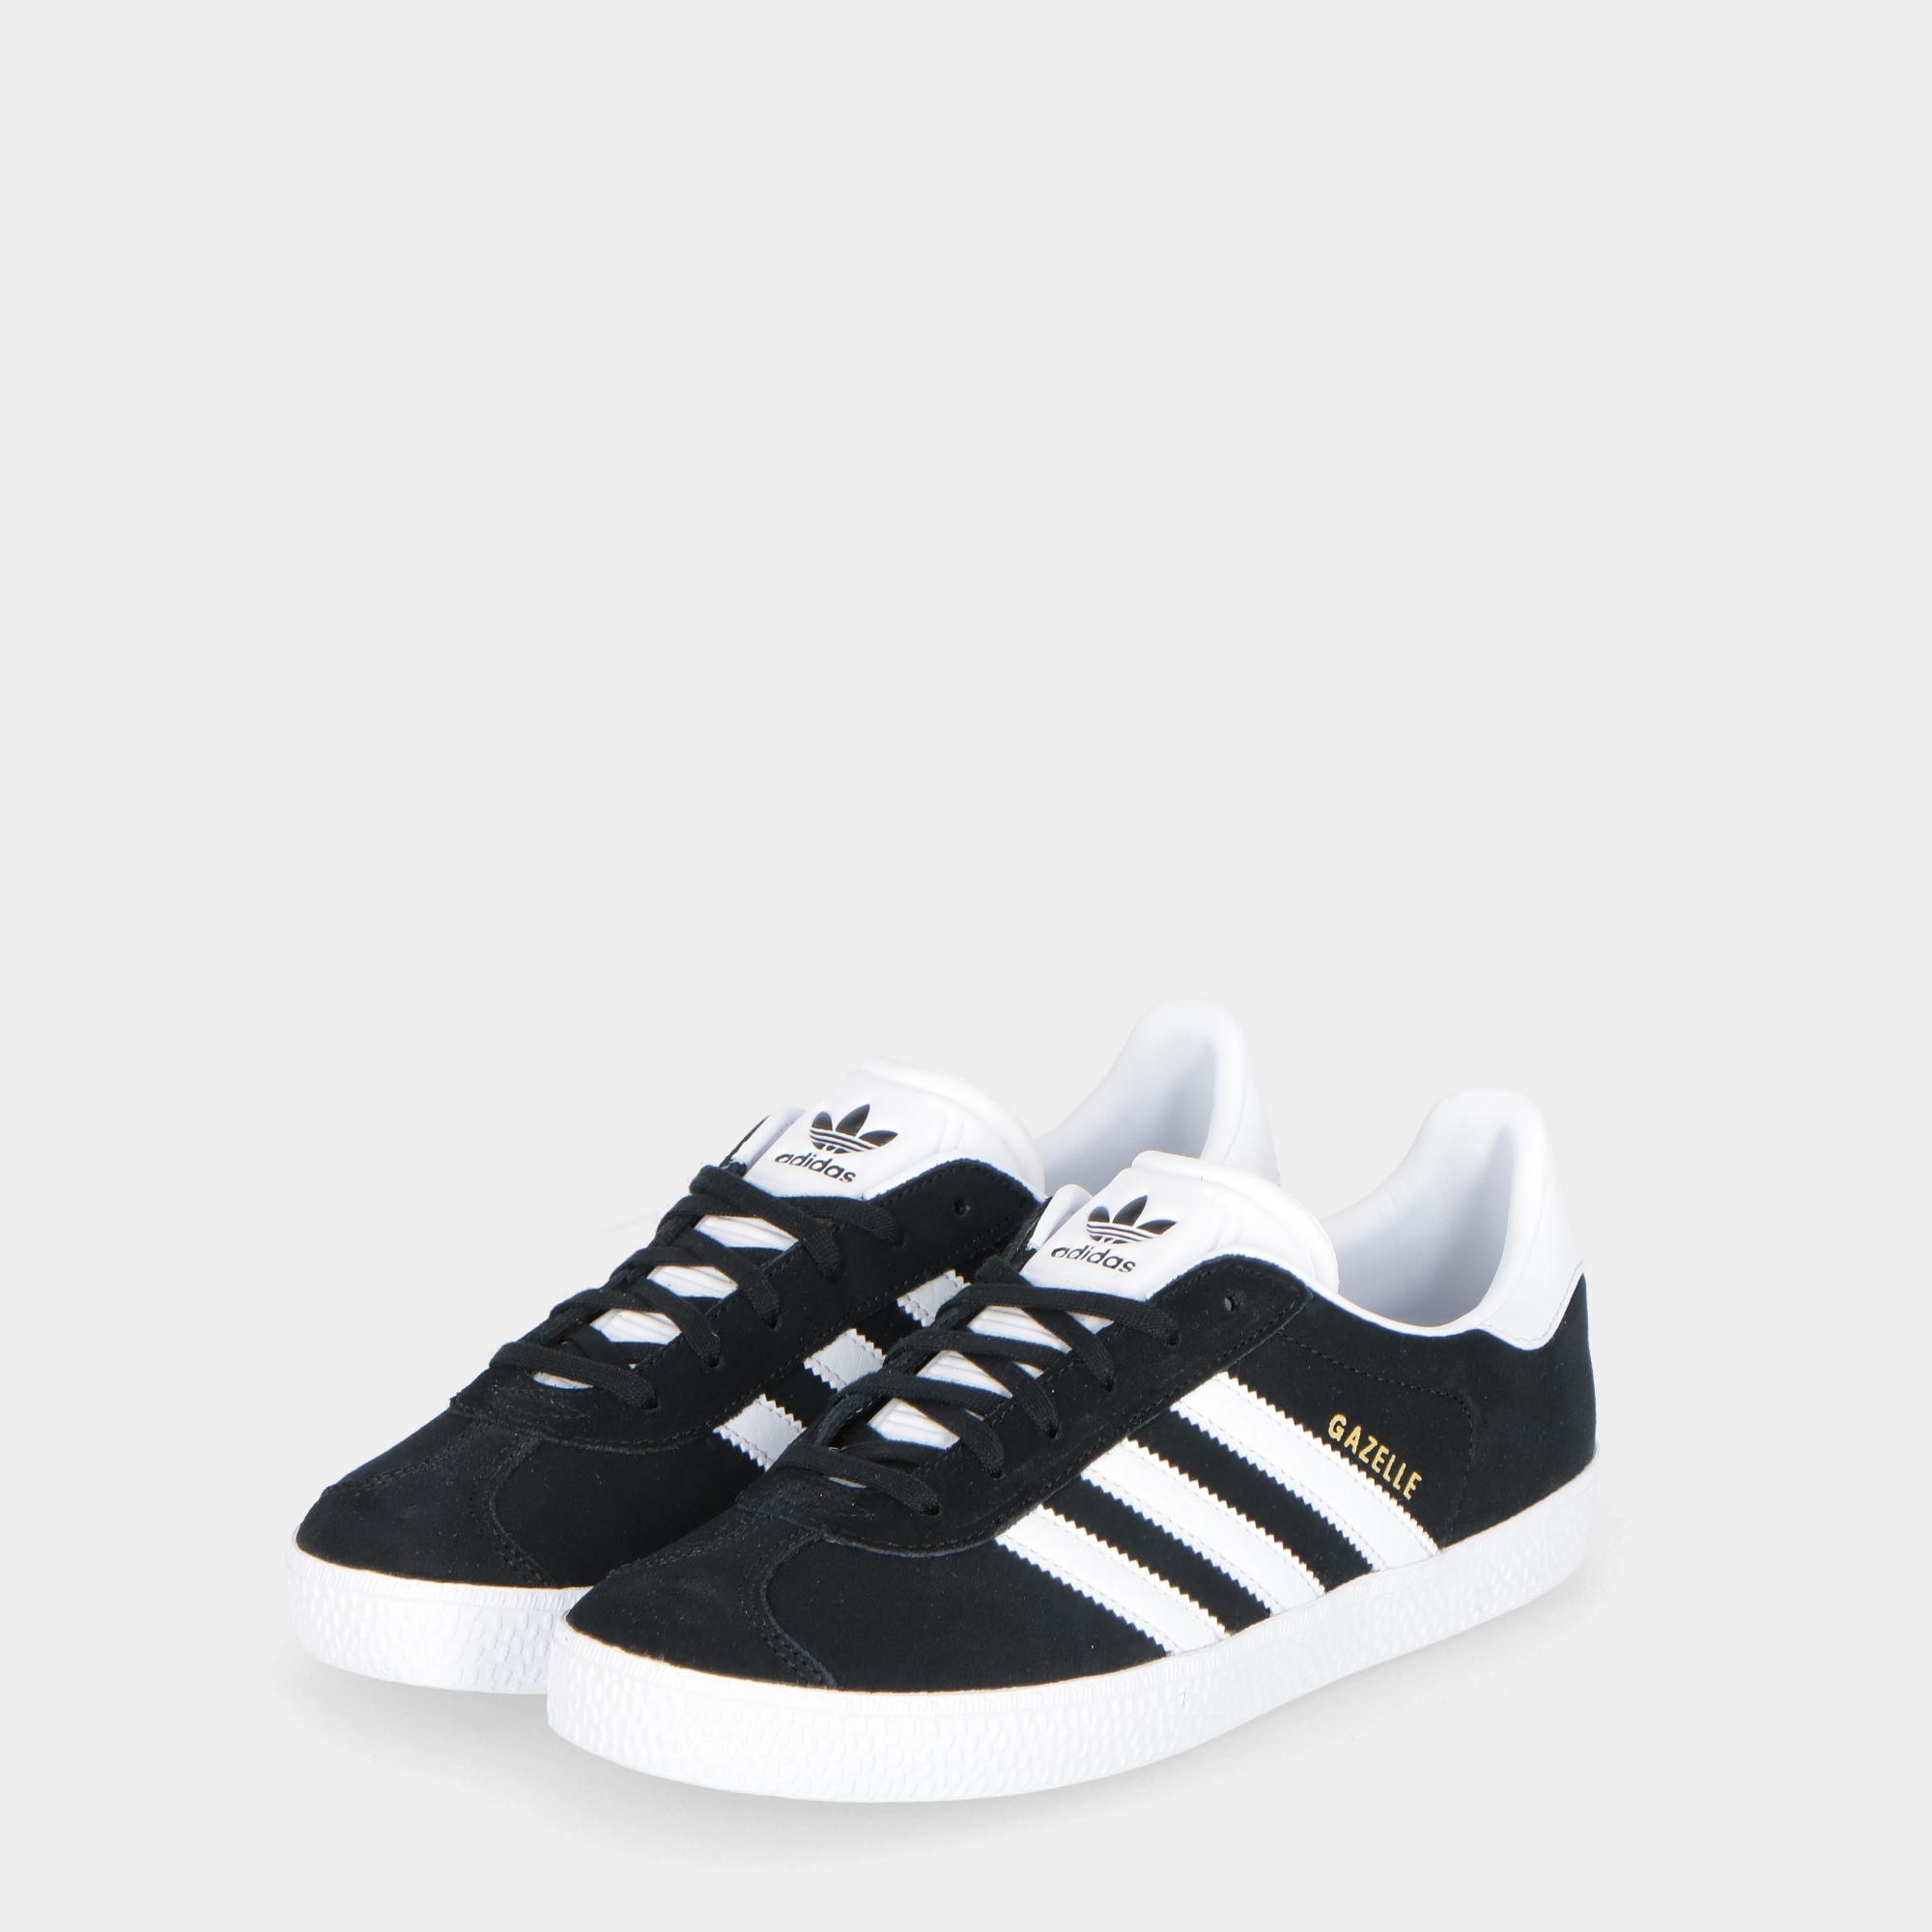 Adidas Gazelle - Kids Black white gold a2cb7a71f